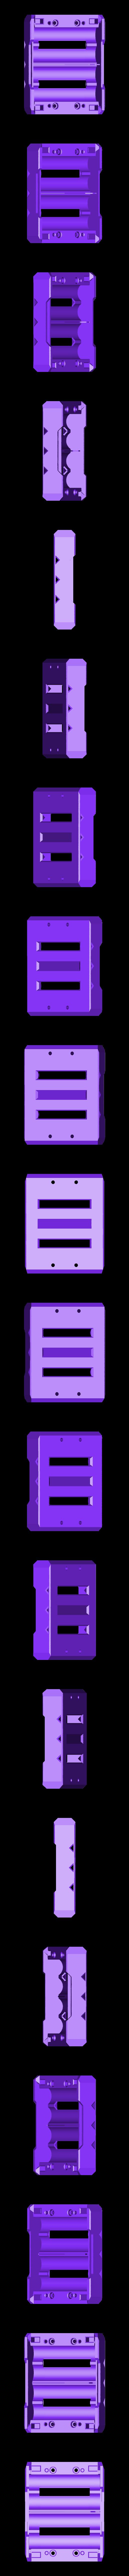 18650_2S2P_base_V2_Vented.stl Télécharger fichier STL gratuit NESE, le module V2 sans soudure 18650 (VENTED) • Objet pour imprimante 3D, 18650